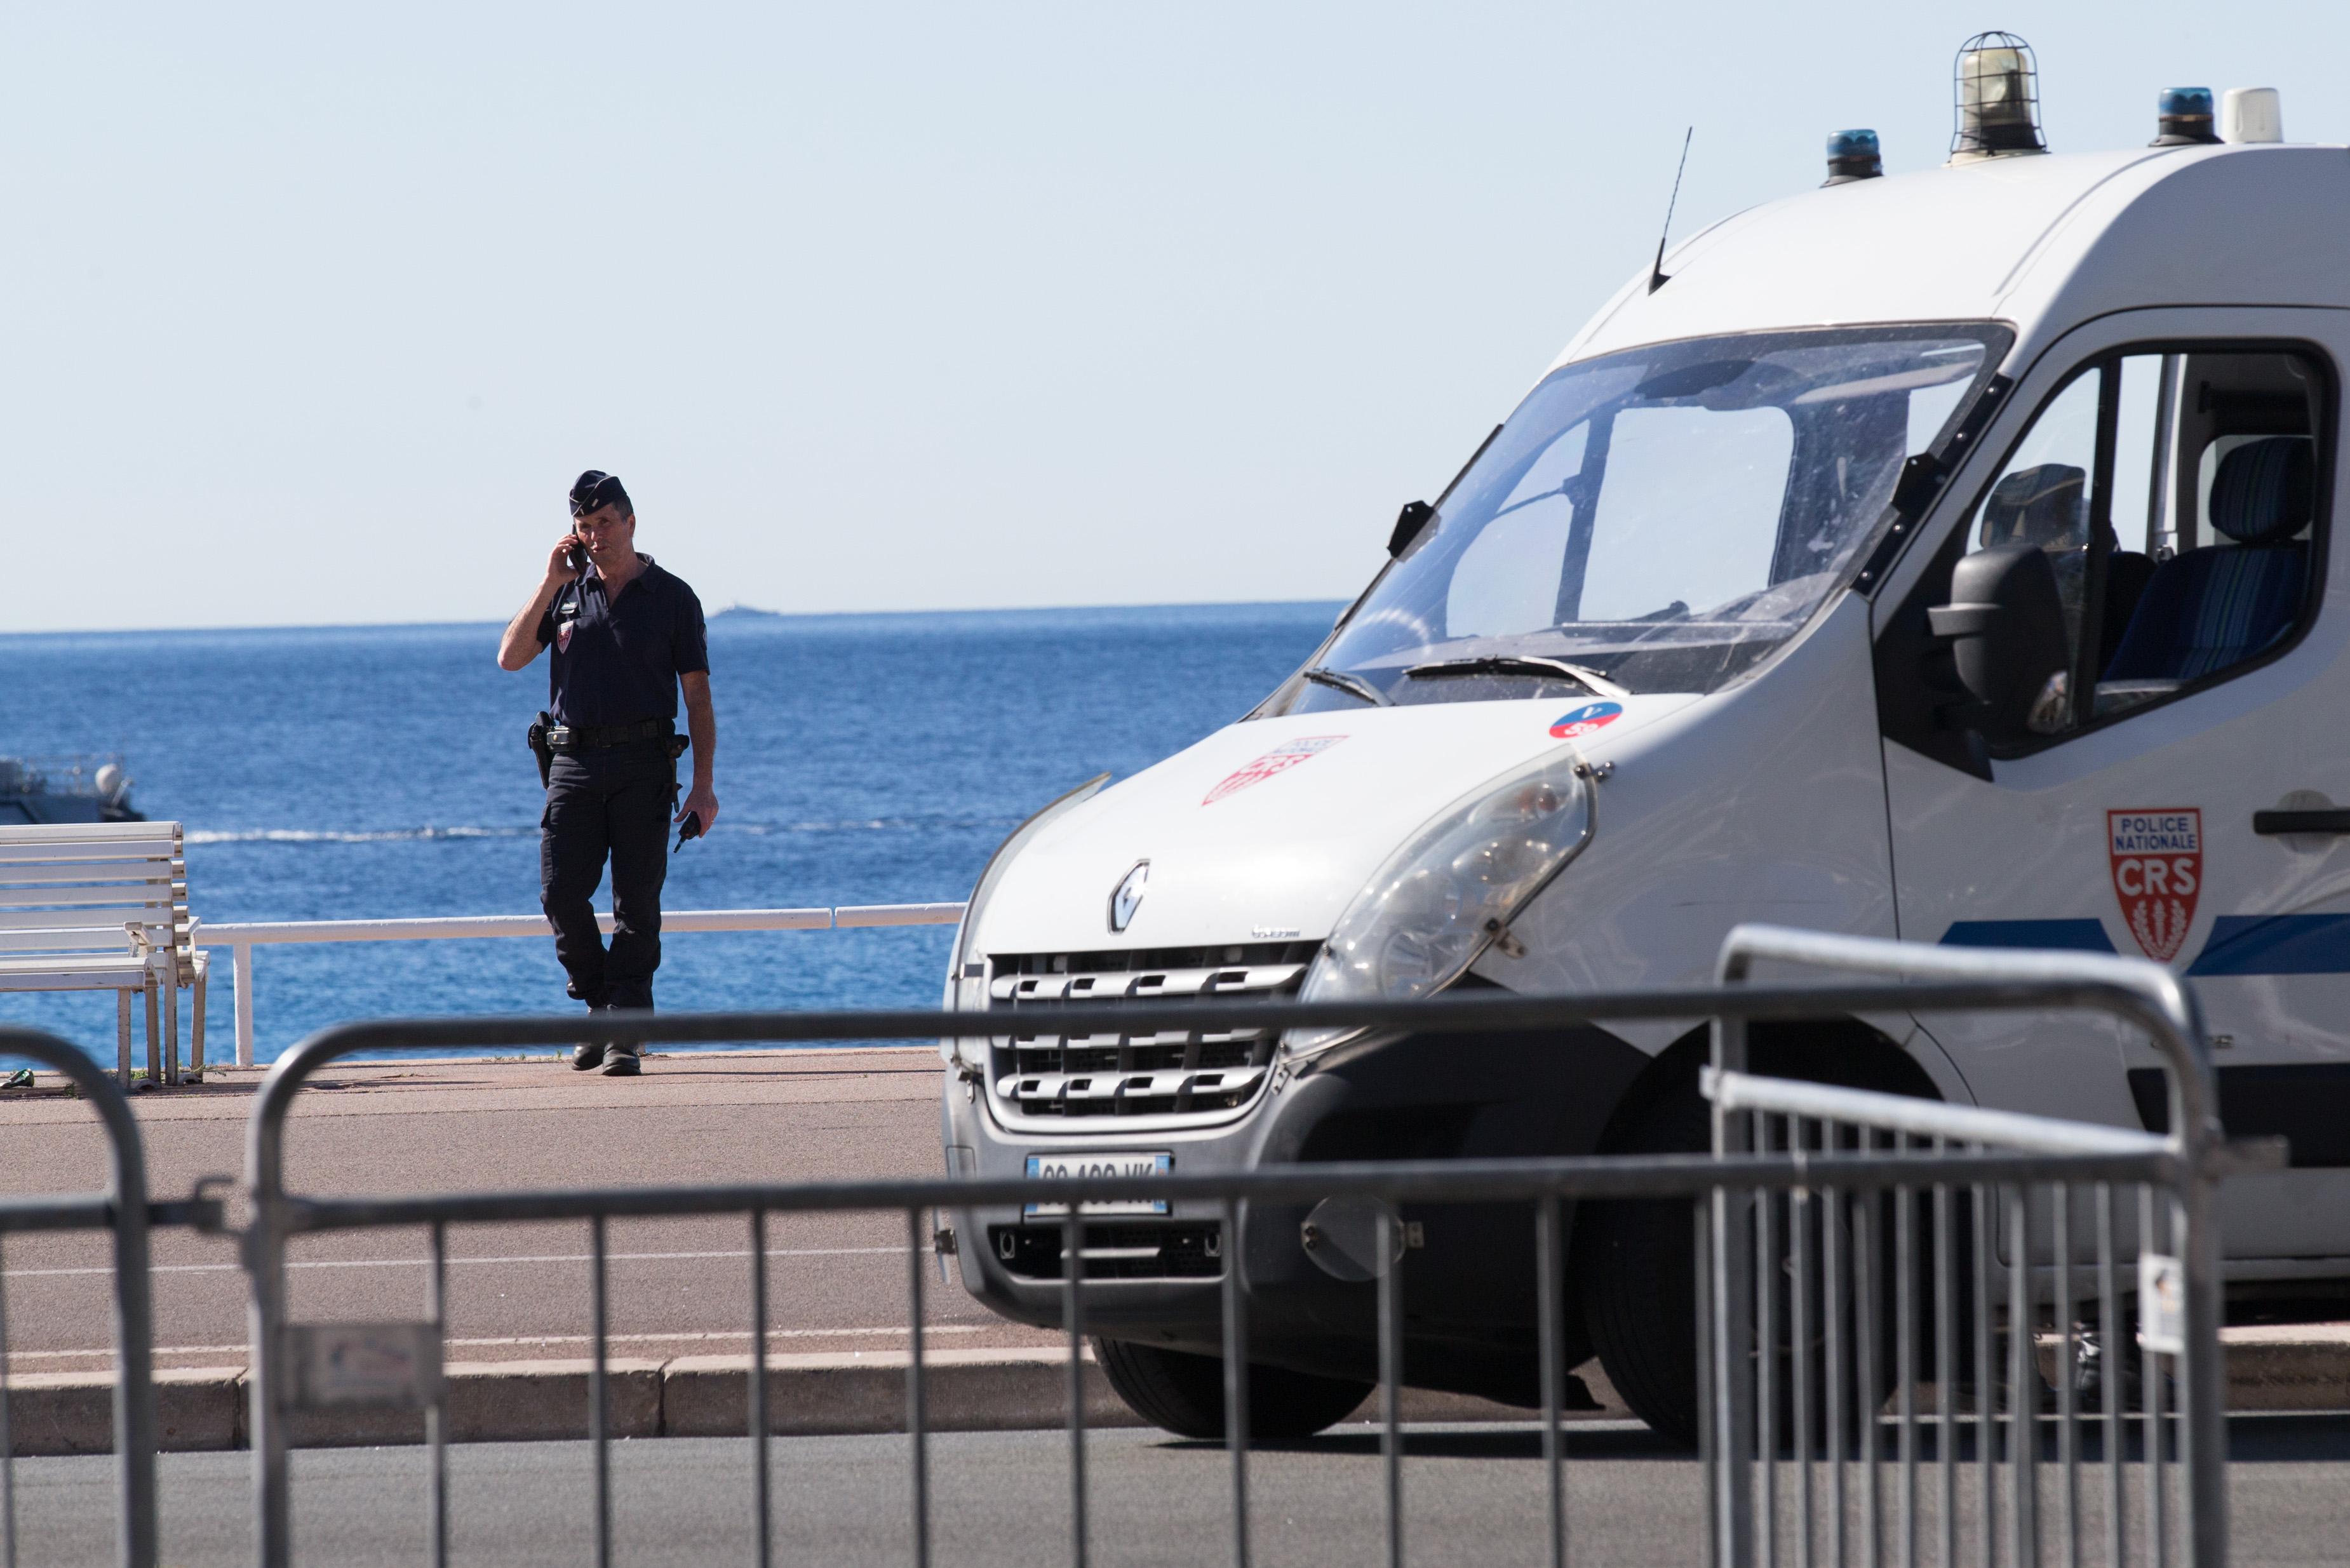 France : au moins 84 morts dans l'attentat de Nice